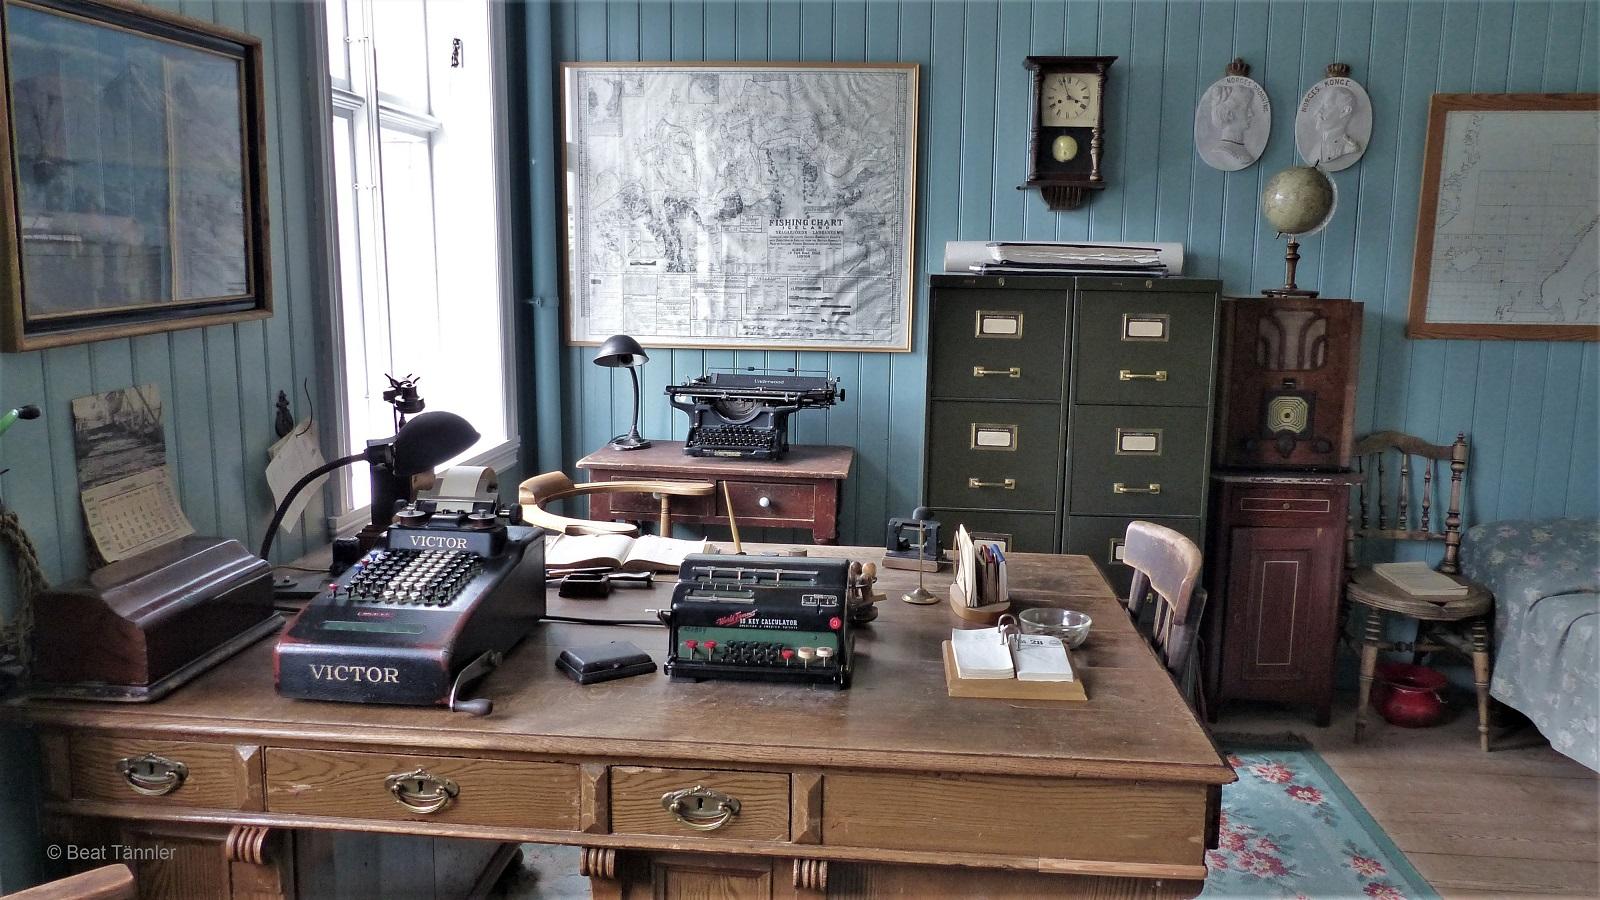 Büro Und Schlafzimmer Des Fabrikbesitzers